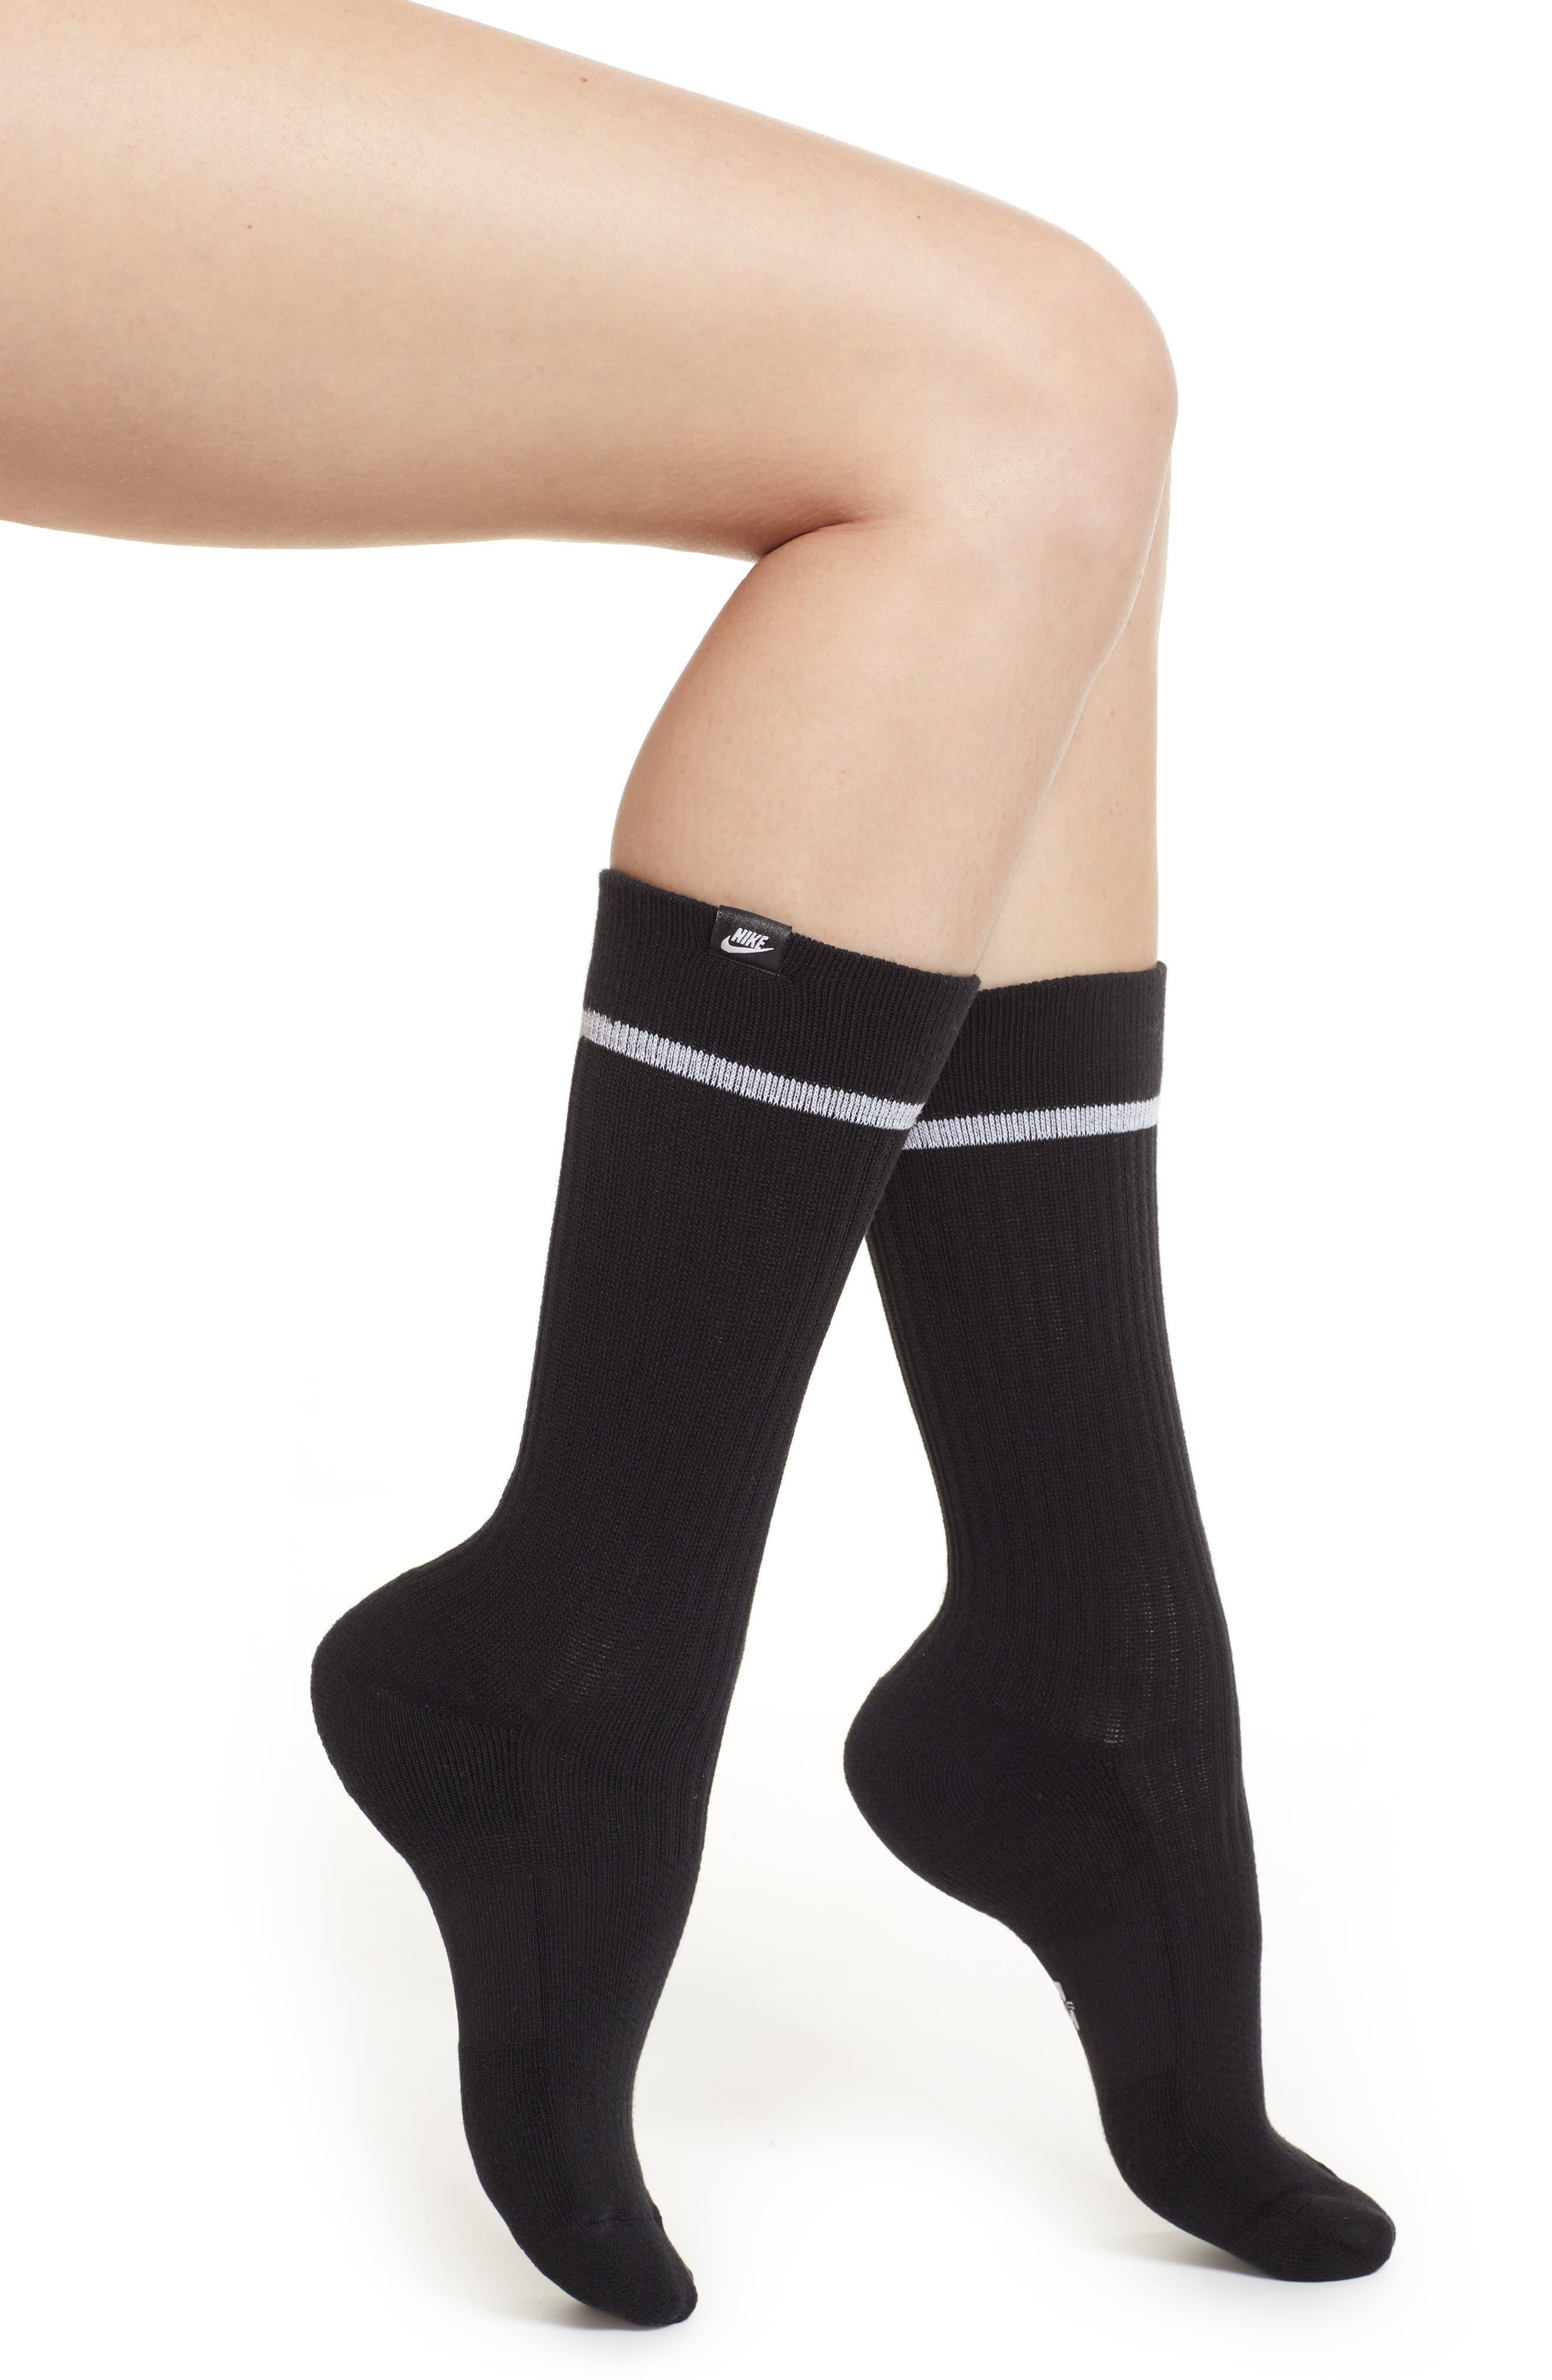 2-Pack SNKR Sox Essential Crew Socks,                             Main thumbnail 1, color,                             BLACK/ WHITE/ WHITE